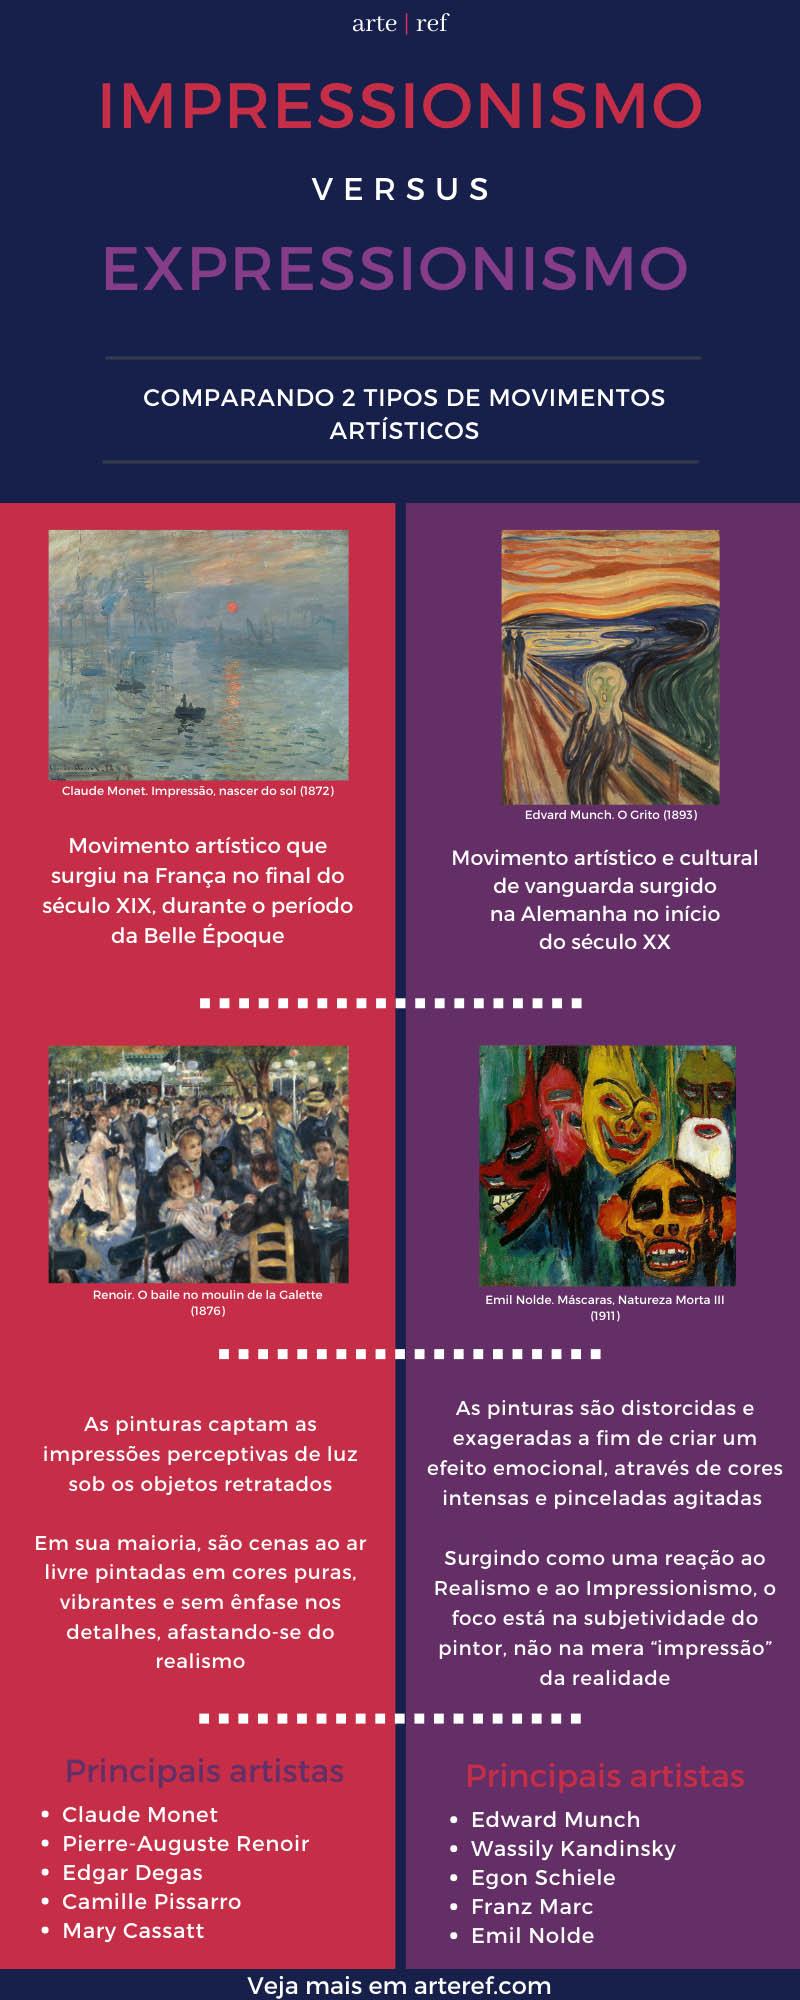 Impressionismo vs Expressionismo copy